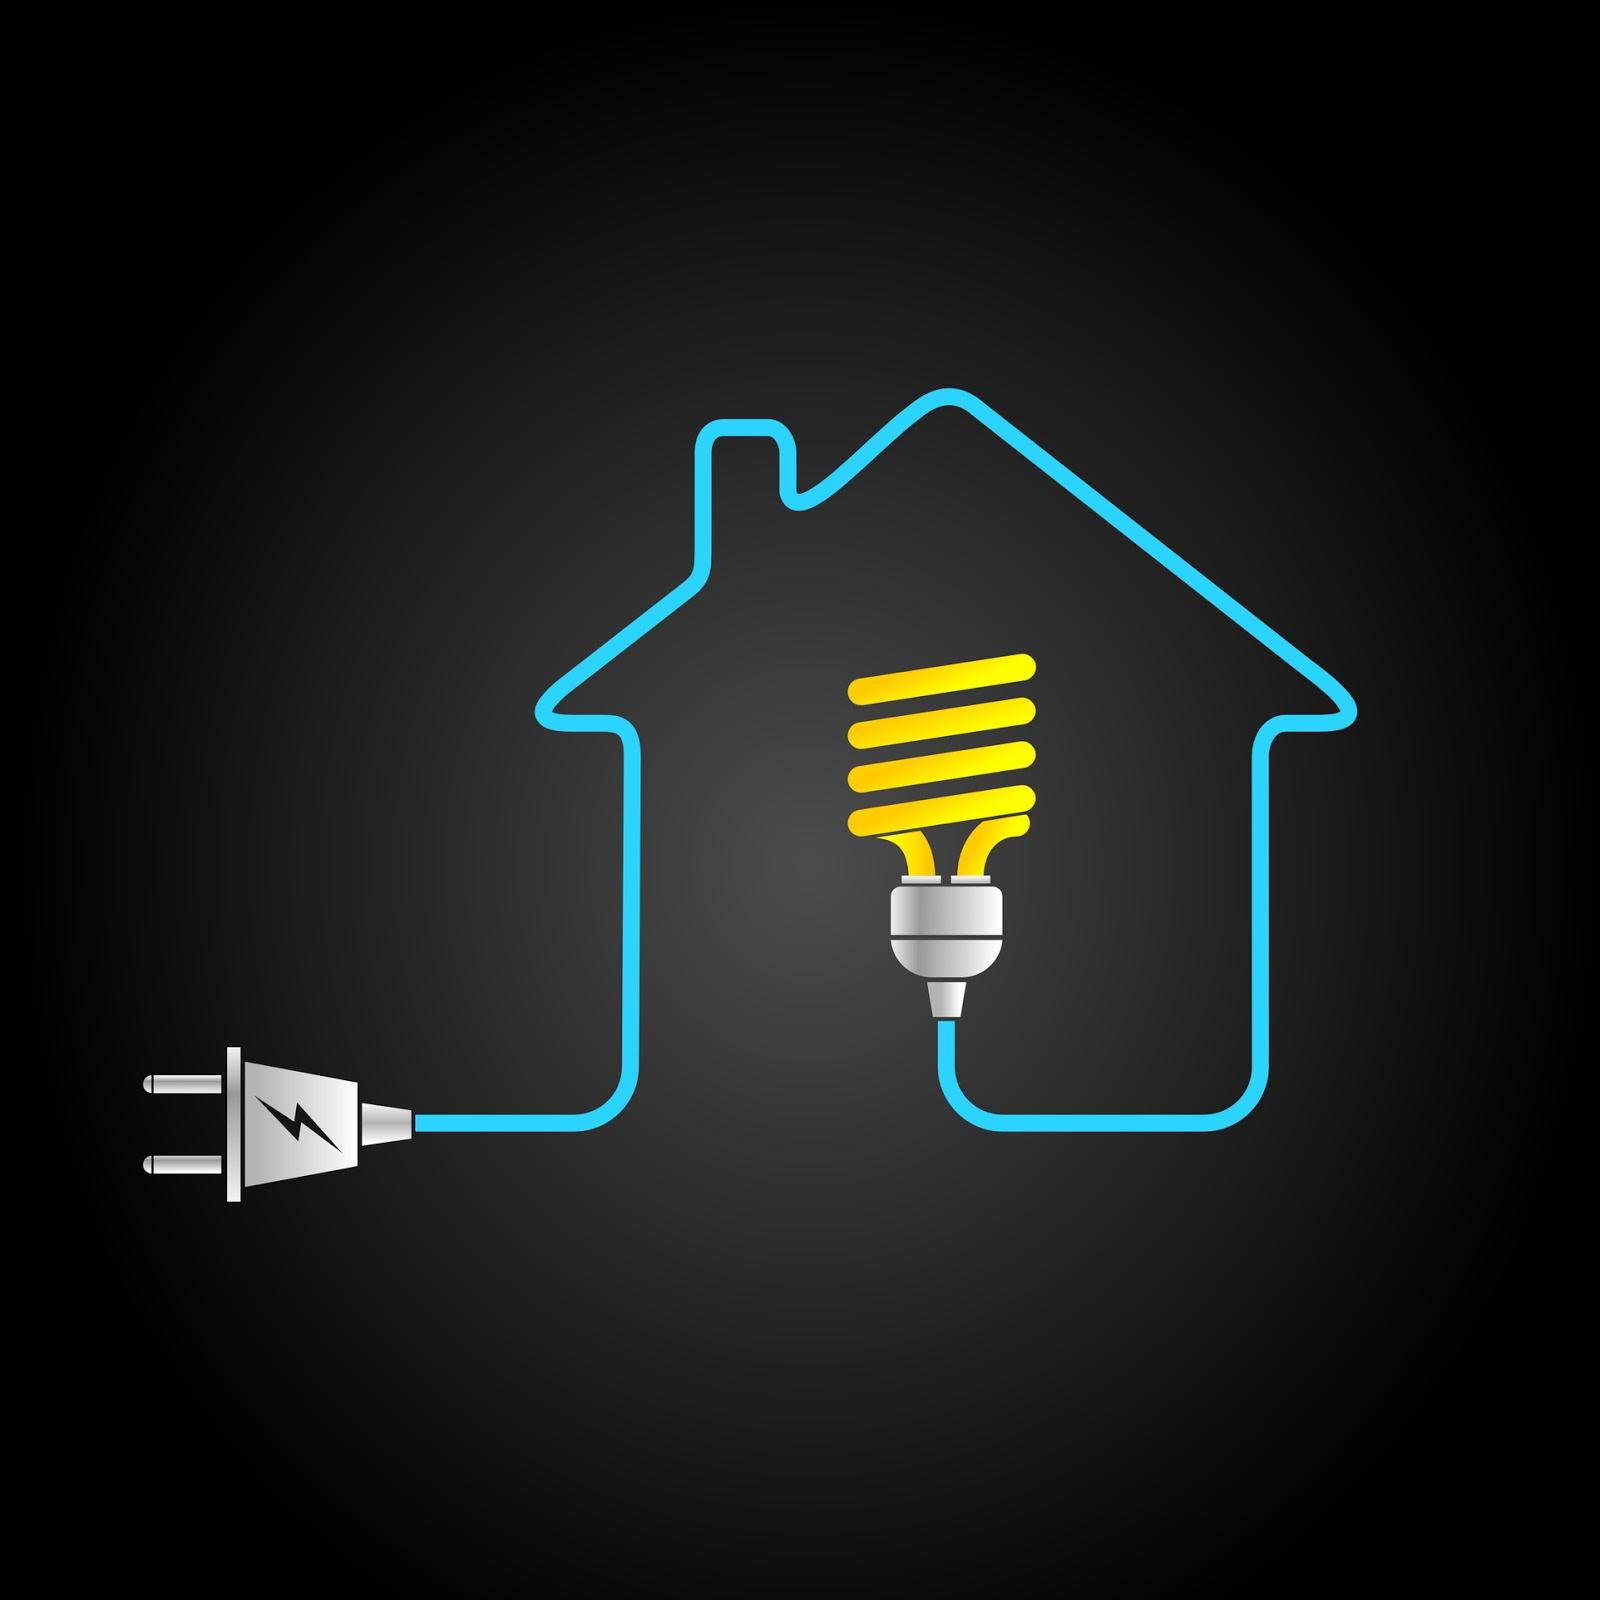 une maison passive en midi pyr n es calcul des sections de c bles d 39 alimentation et des chutes. Black Bedroom Furniture Sets. Home Design Ideas